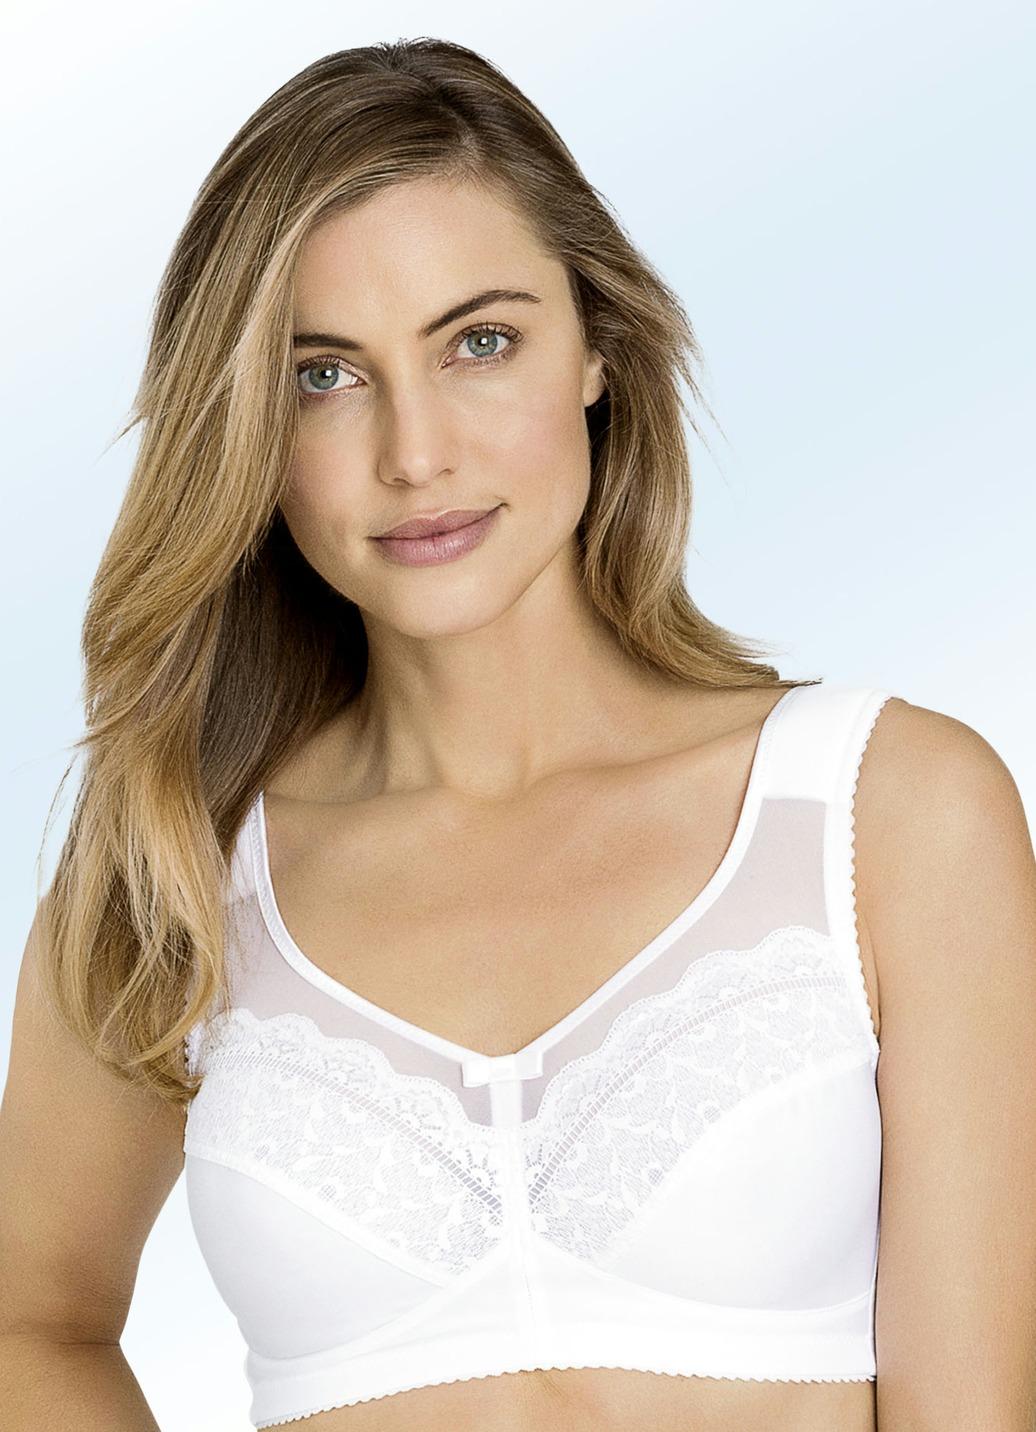 Miss Mary-BH in Weiß mit Elastiktüll am Dekolleté Cup B Weiss Größe 90 Damen Preisvergleich